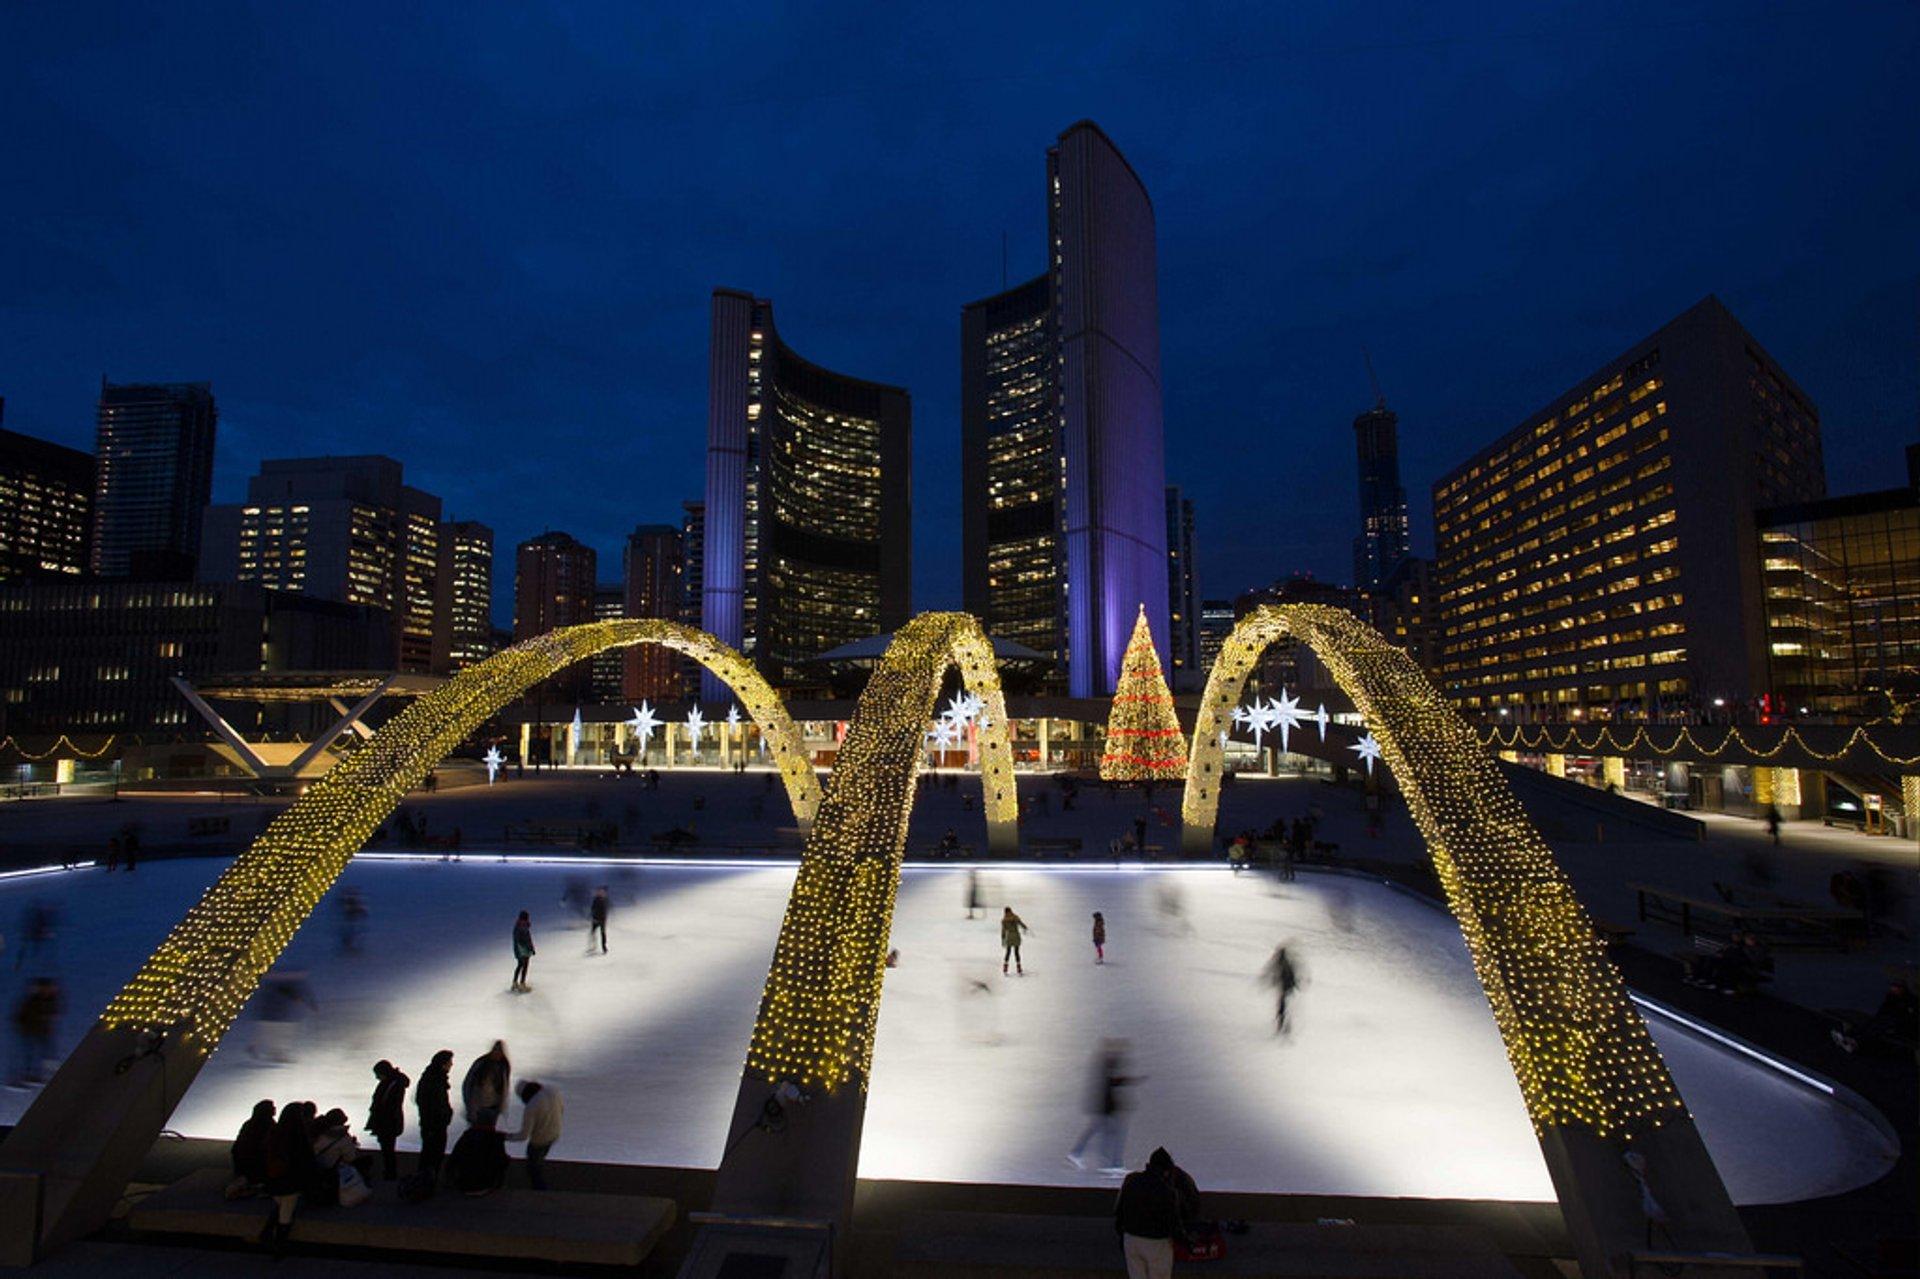 Nathan Phillips Square skating rink at night 2020